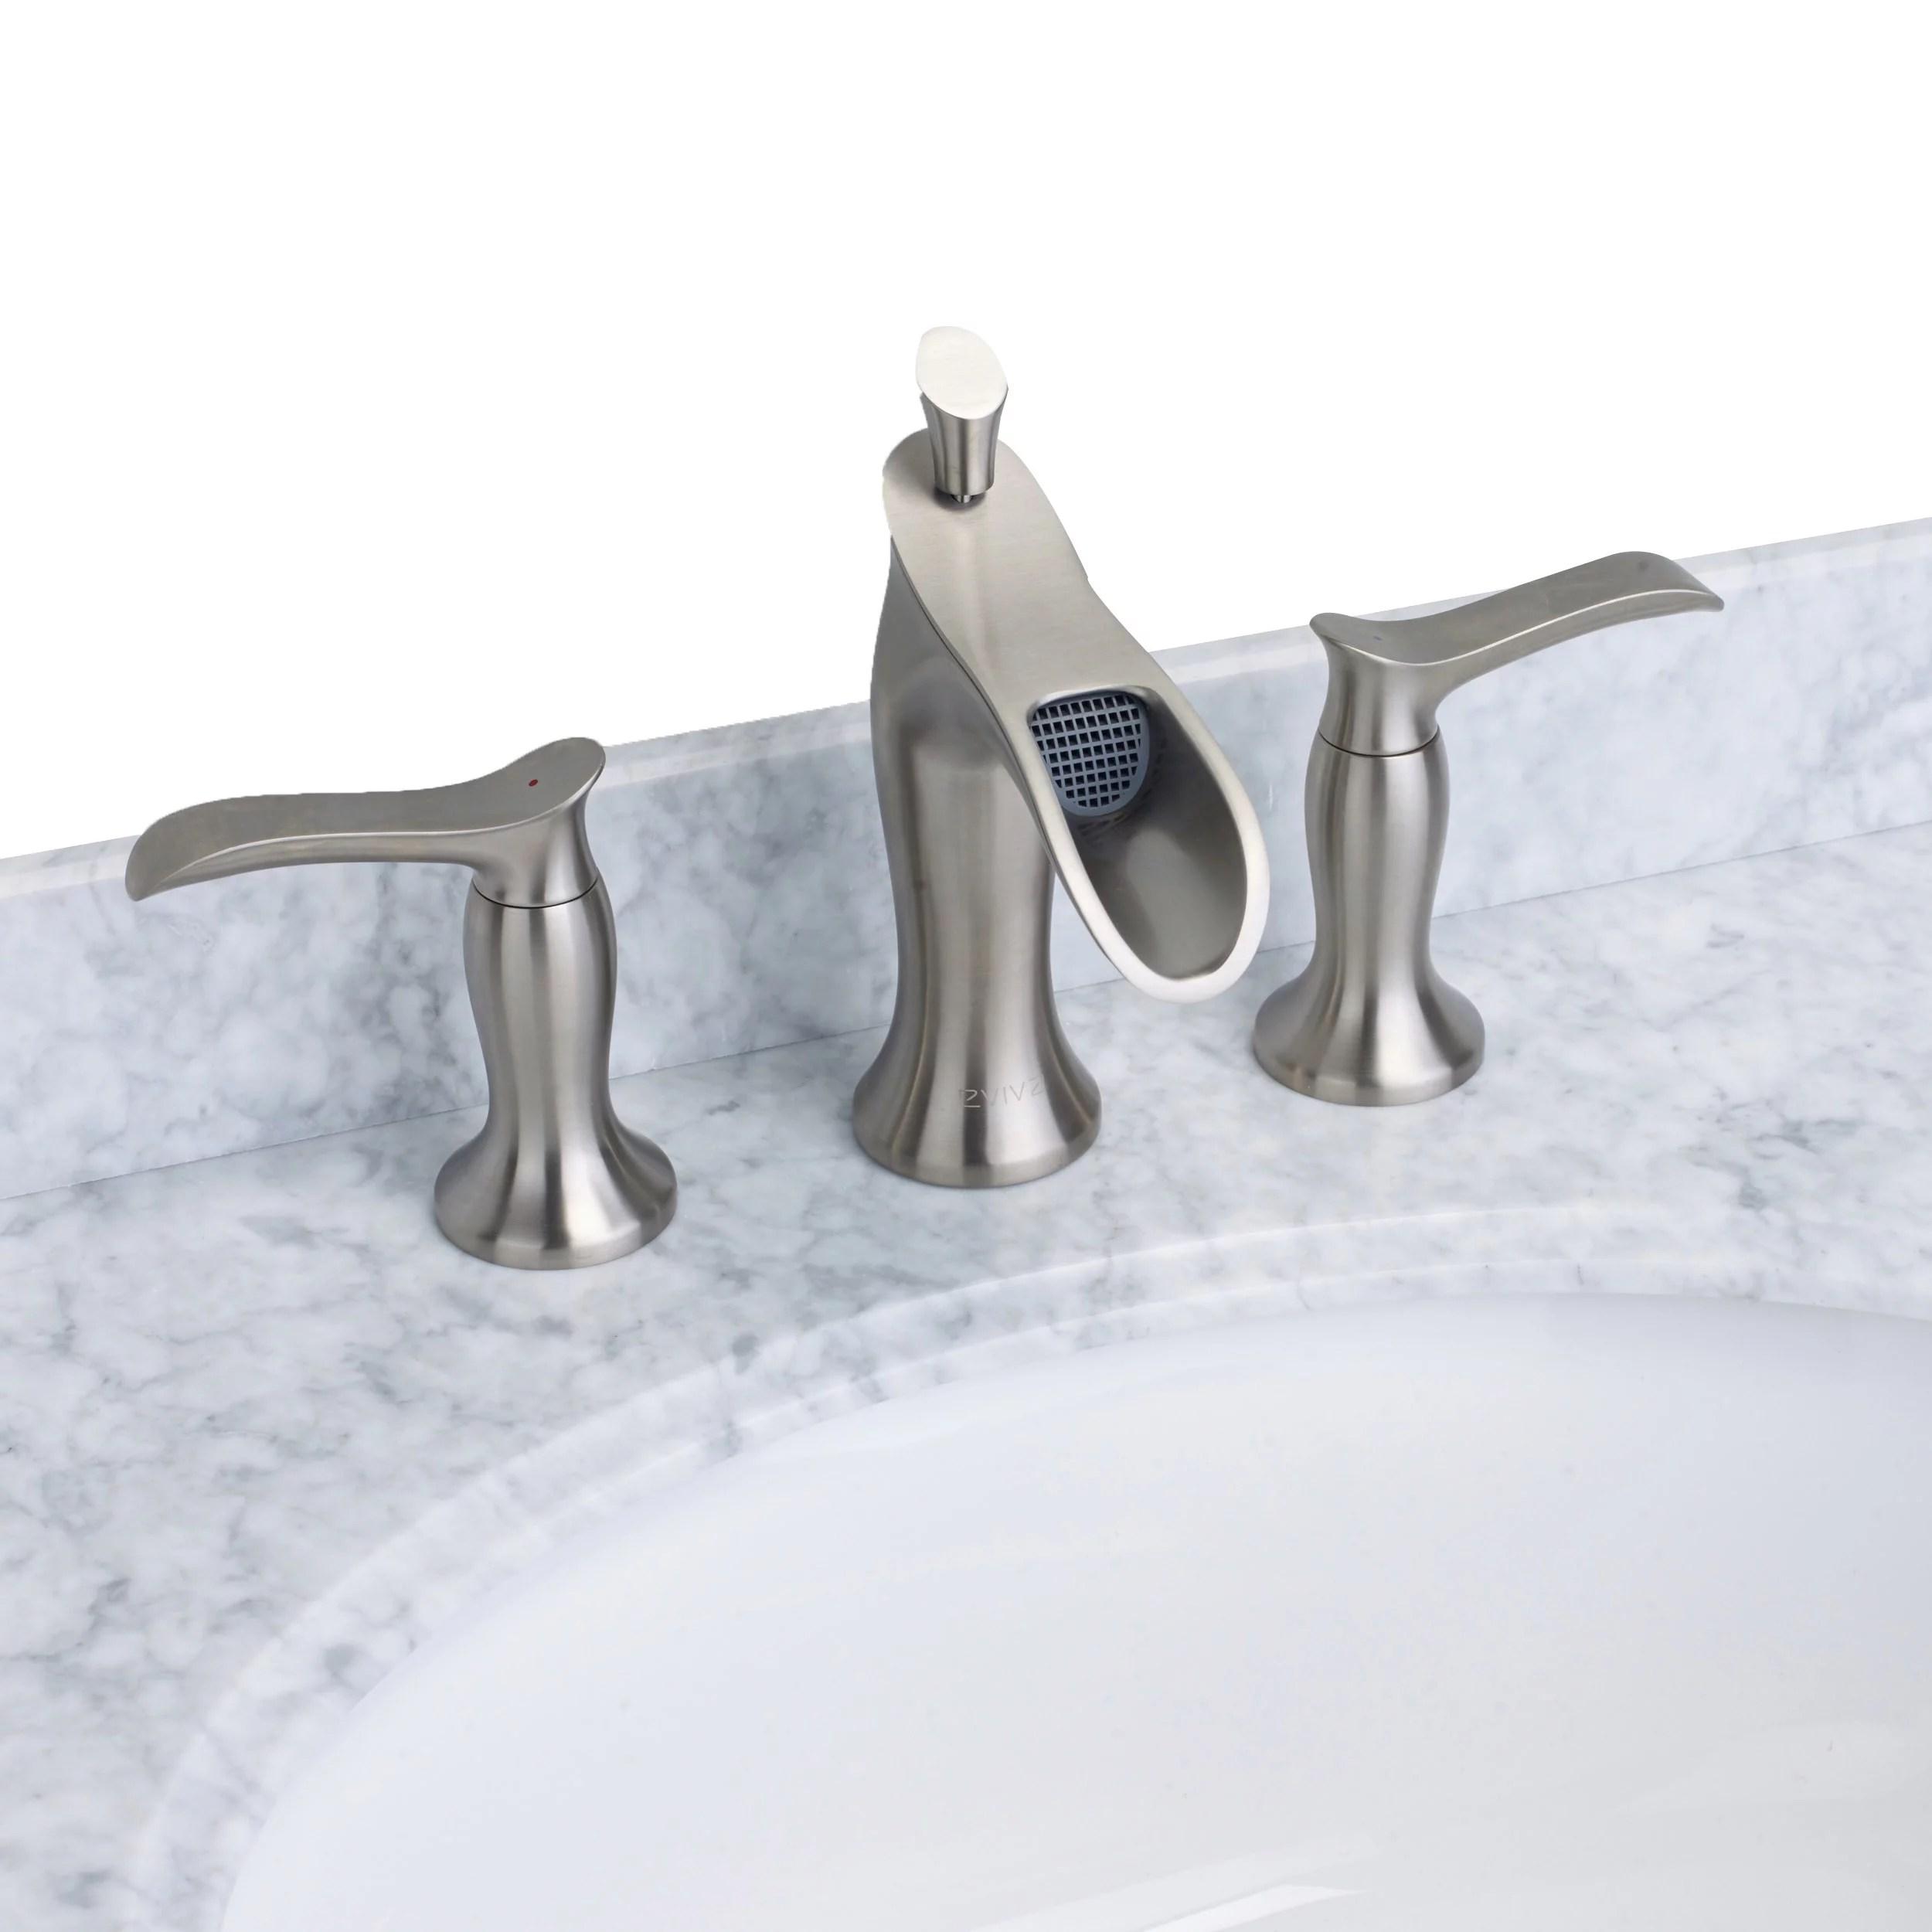 eviva swan luxury water fall widespread three hole 2 handles bathroom sink faucet brushed nickel